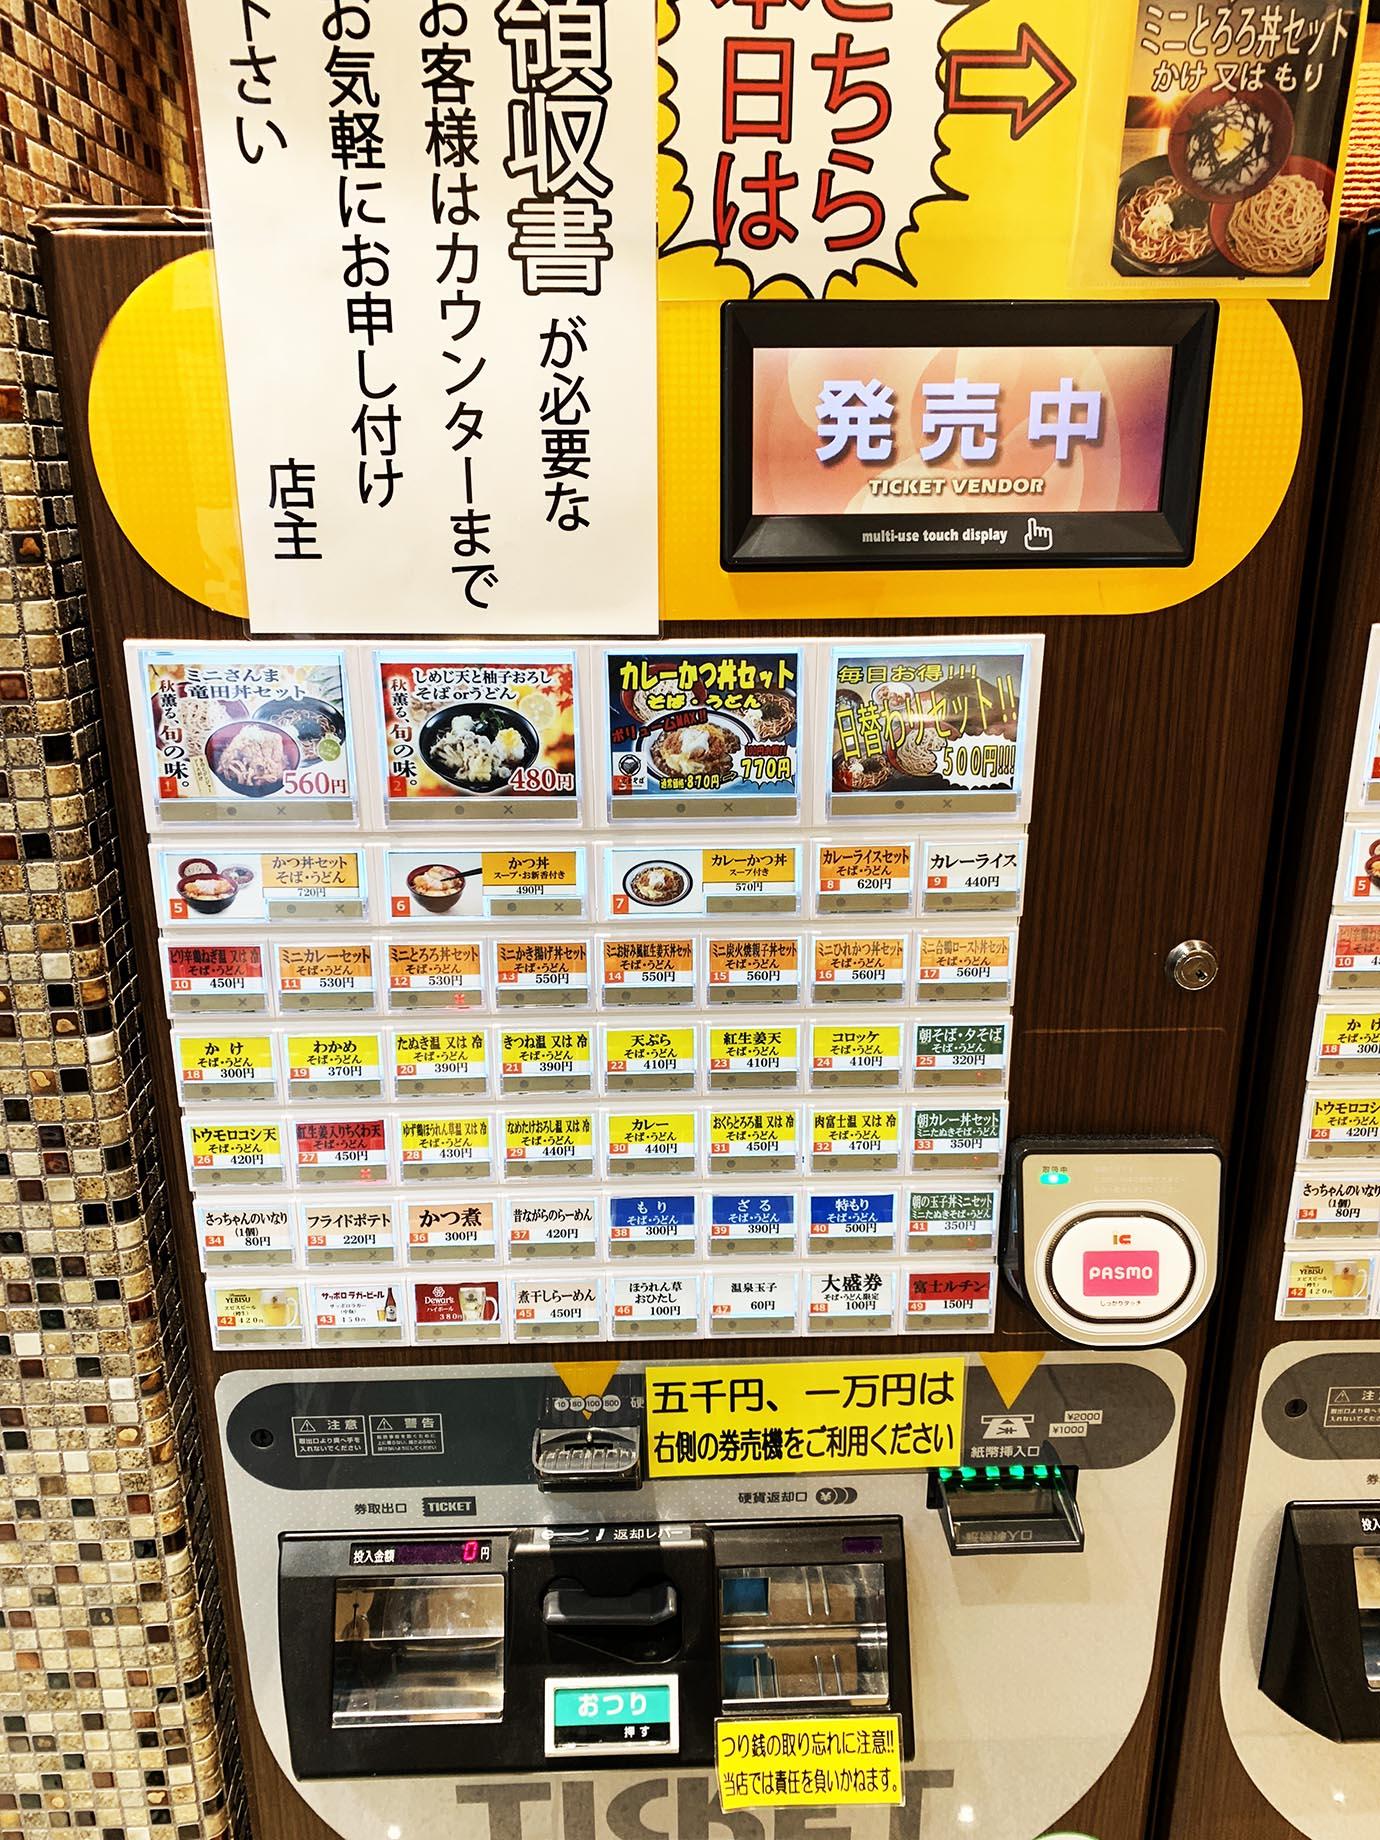 fujisoba-ramen3